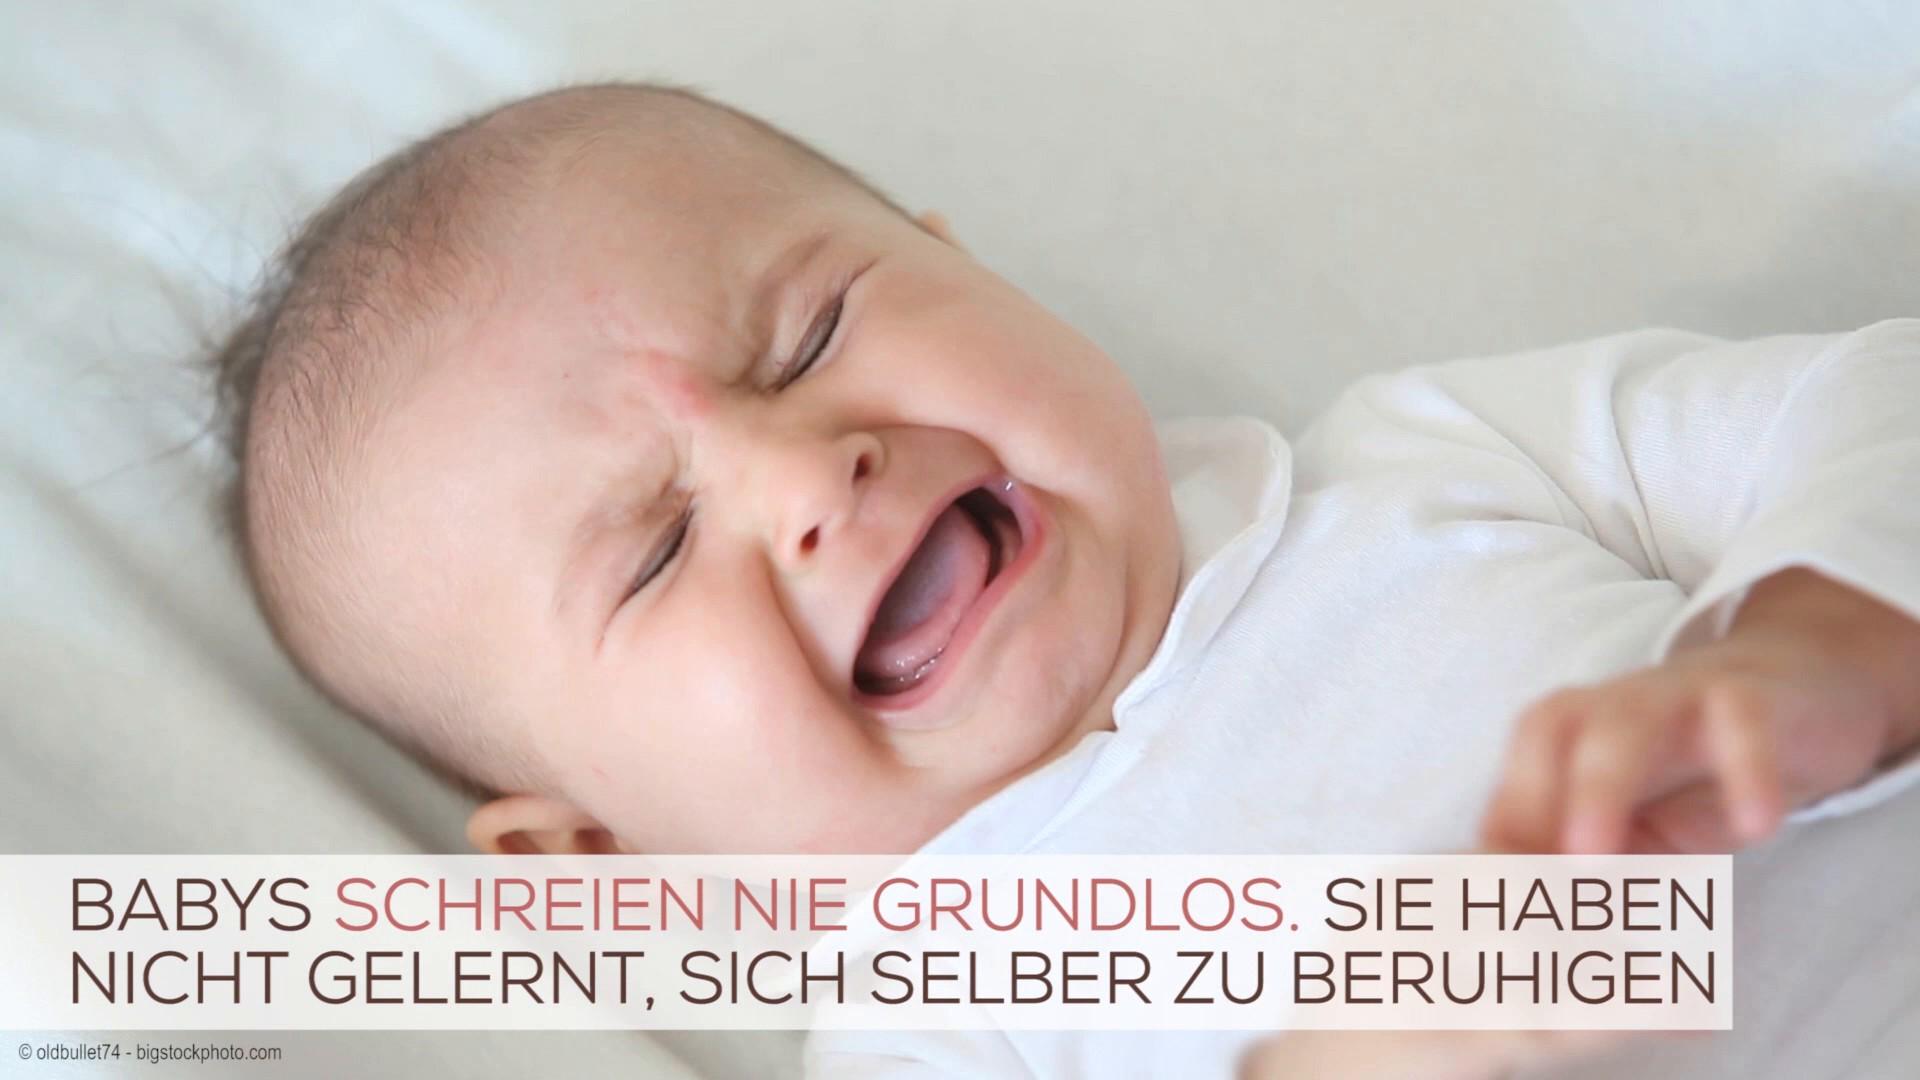 Babymythos- Man muss Babys auch mal schreien lassen!_EL.mp4: main image